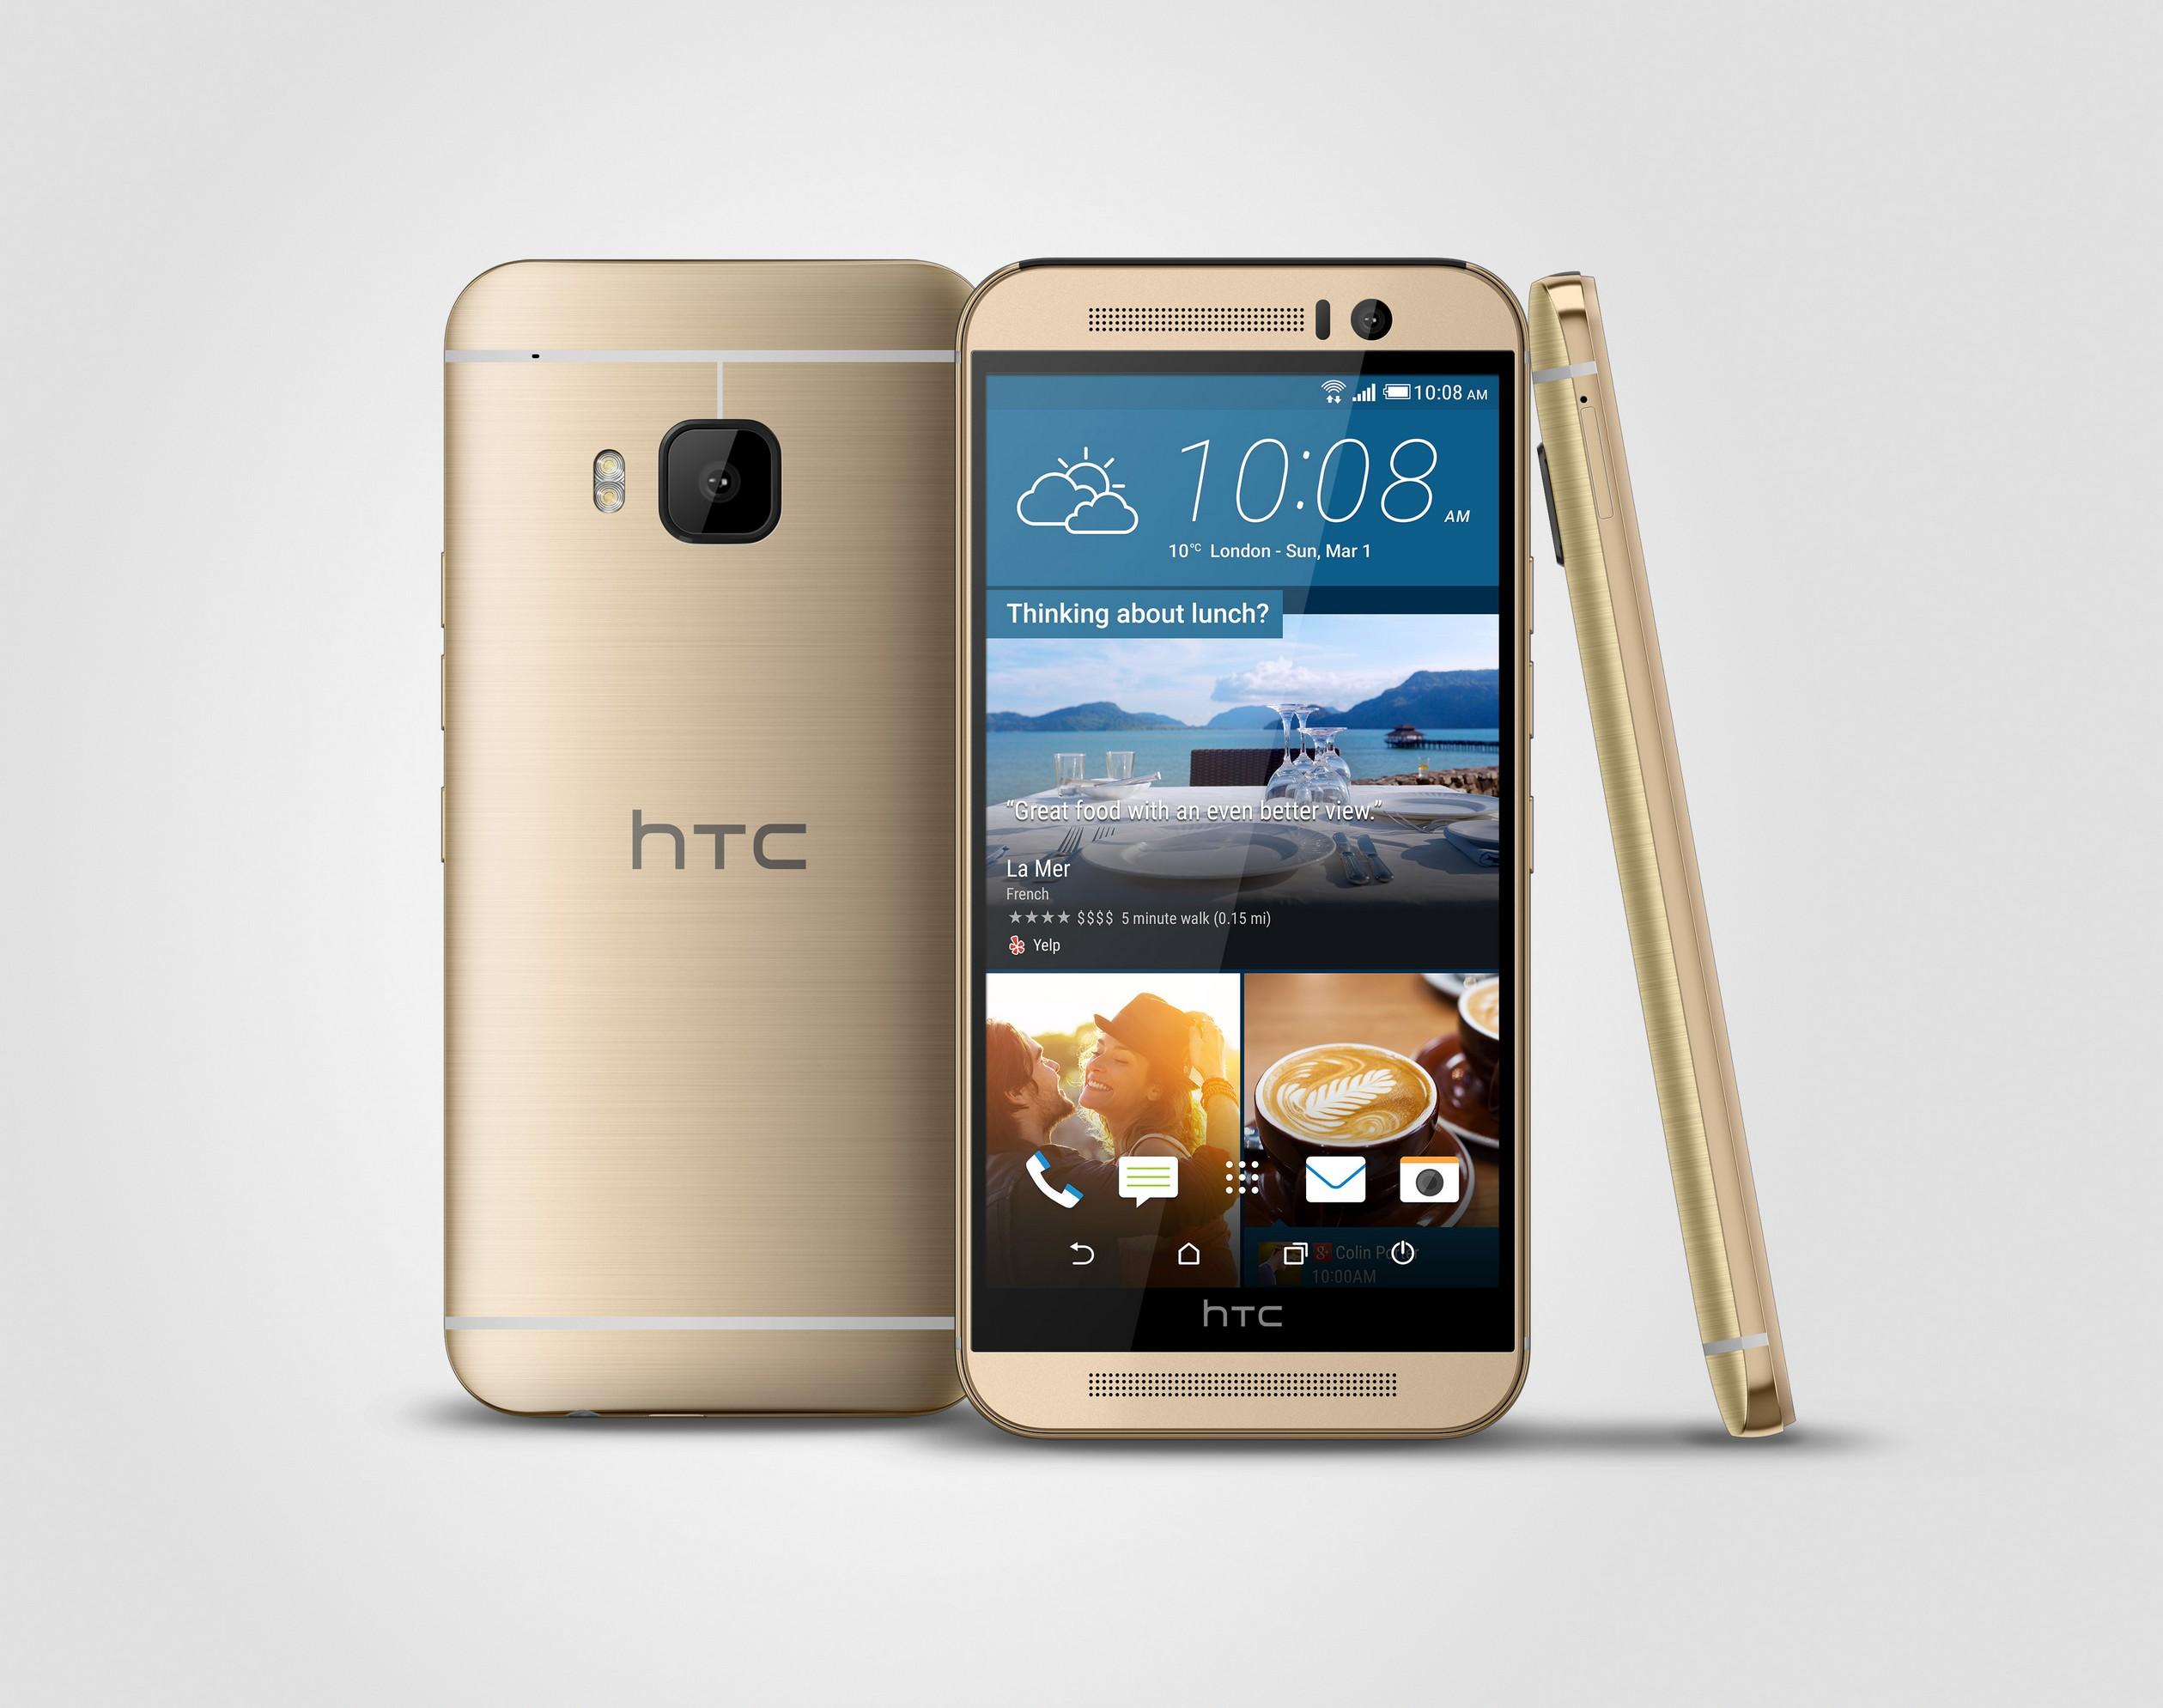 اسمارتفون HTC One M9 رونمایی شد: دوربین ۲۰ مگاپیکسلی، پردازندهی اسنپدراگون ۸۱۰ و نمایشگر ۵ اینچی